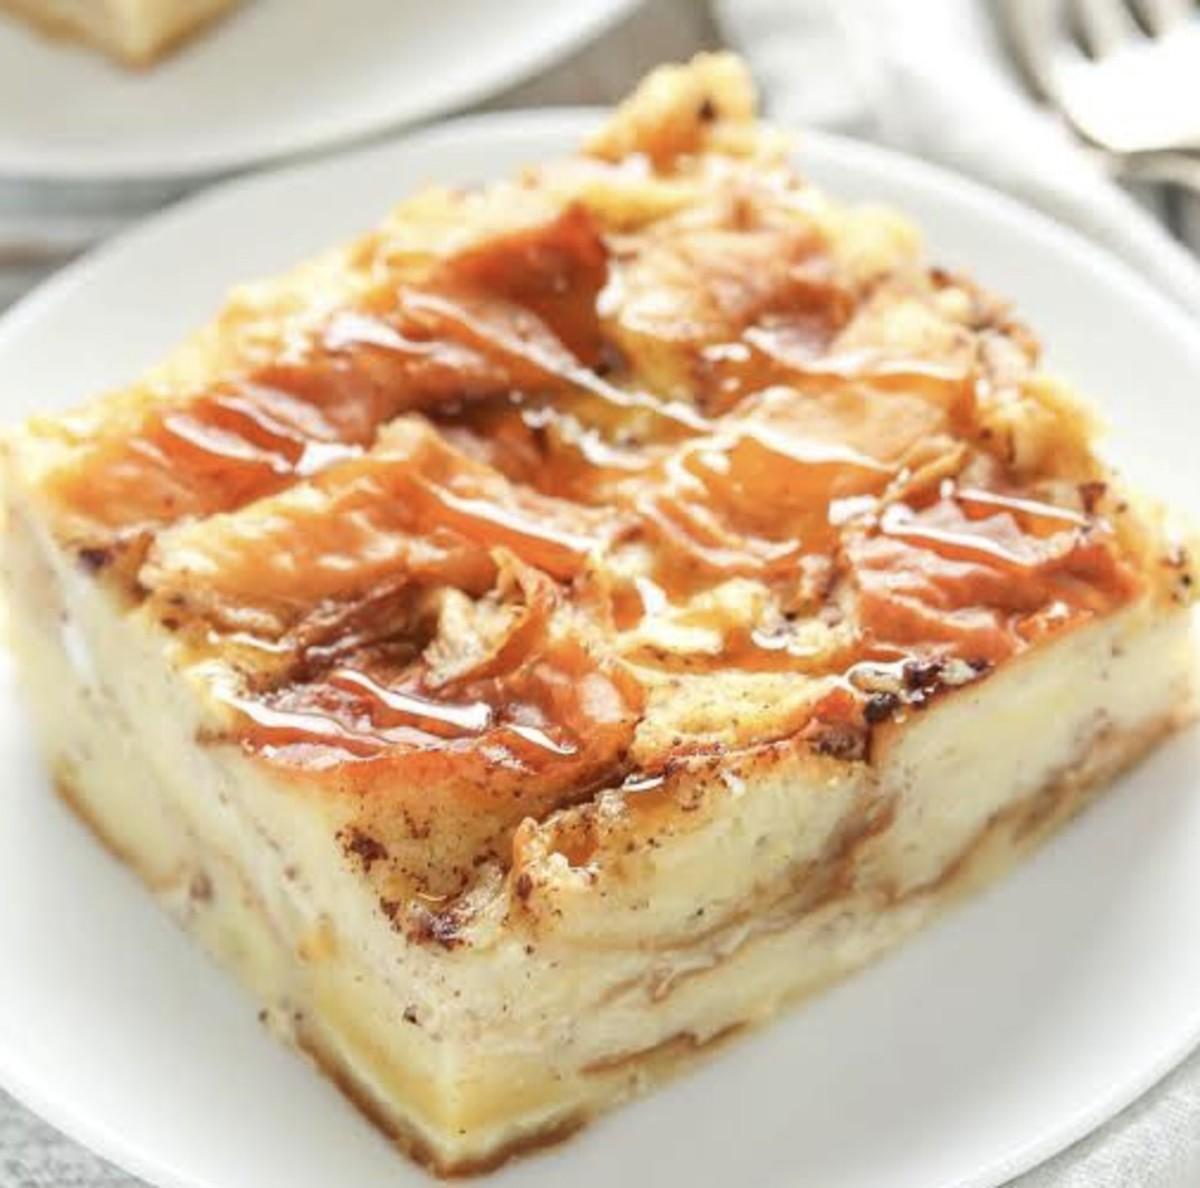 Yummy Bread Pudding Recipe